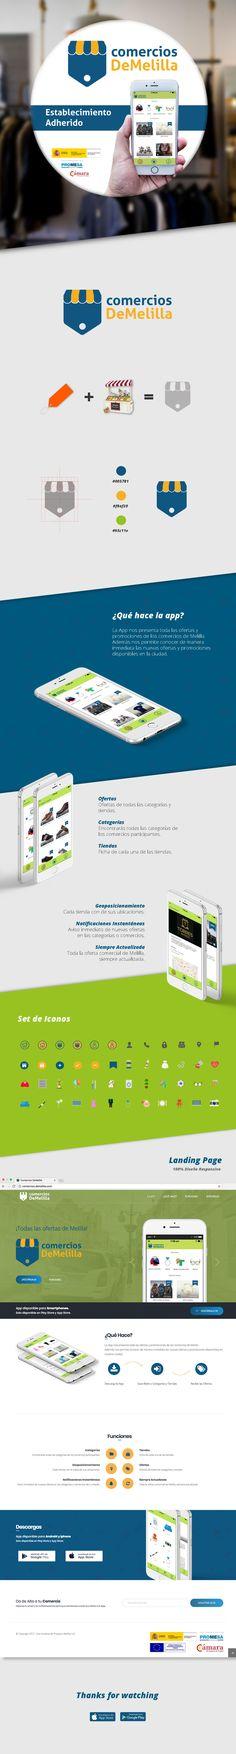 Identidad y FrontEnd Proyecto App comercios DeMelilla